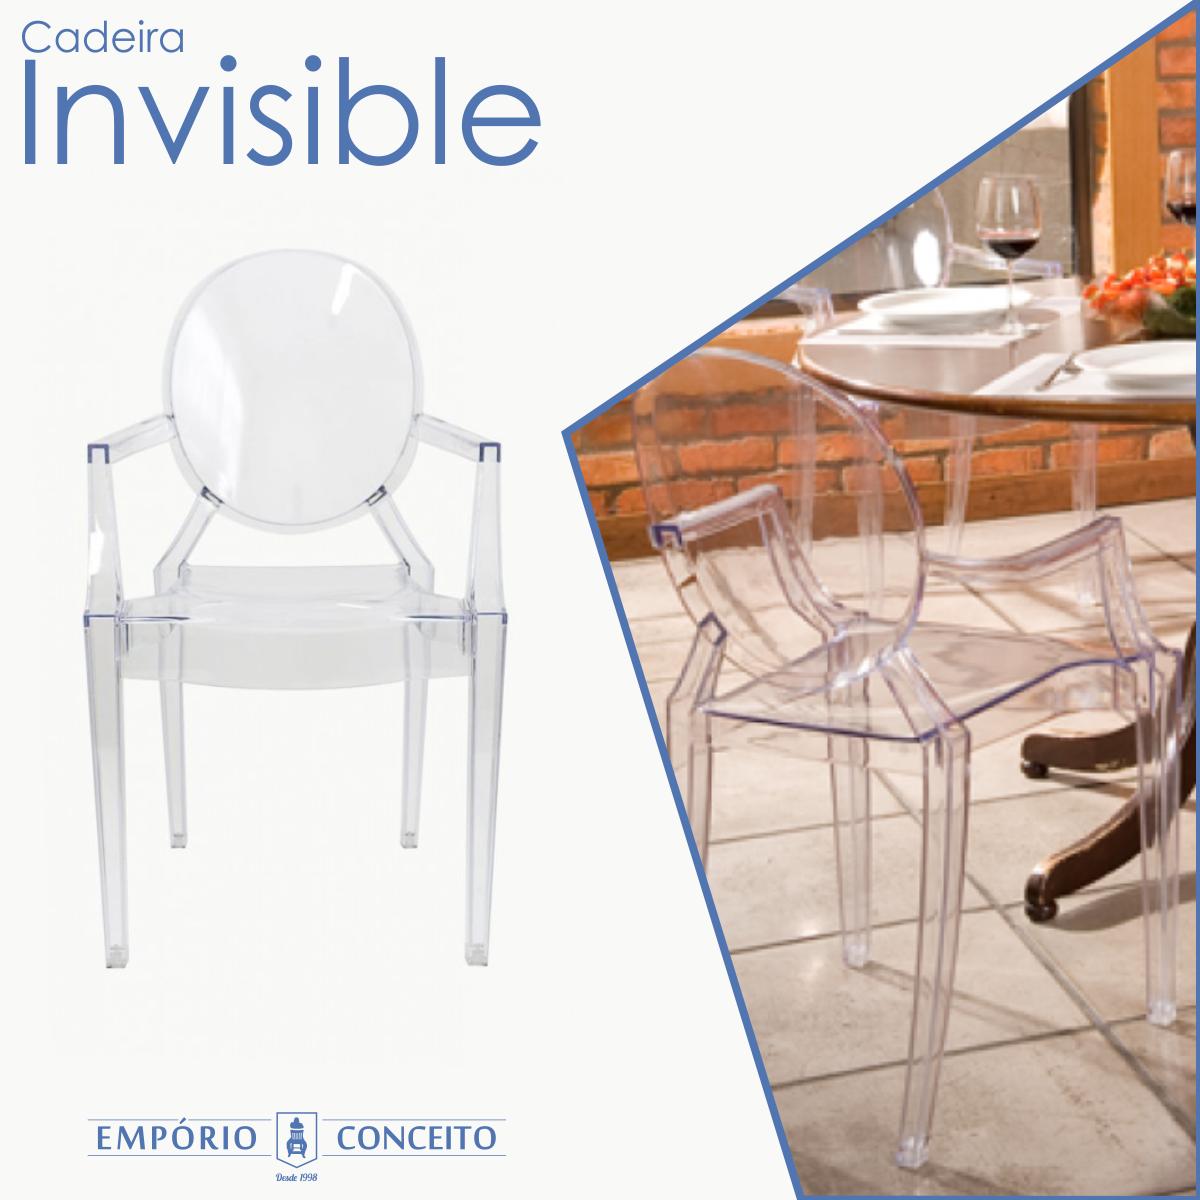 A Cadeira Invisible traz um design moderno à sua casa, muito mais estilo para qualquer ambiente. Pode ser usada na sala de jantar, no quarto ou como peça decorativa. Confortável e ergonômica, deixa qualquer ambiente mais sofisticado e moderno pois suas formas delicadas provocam a elegância do ambiente com um toque contemporâneo